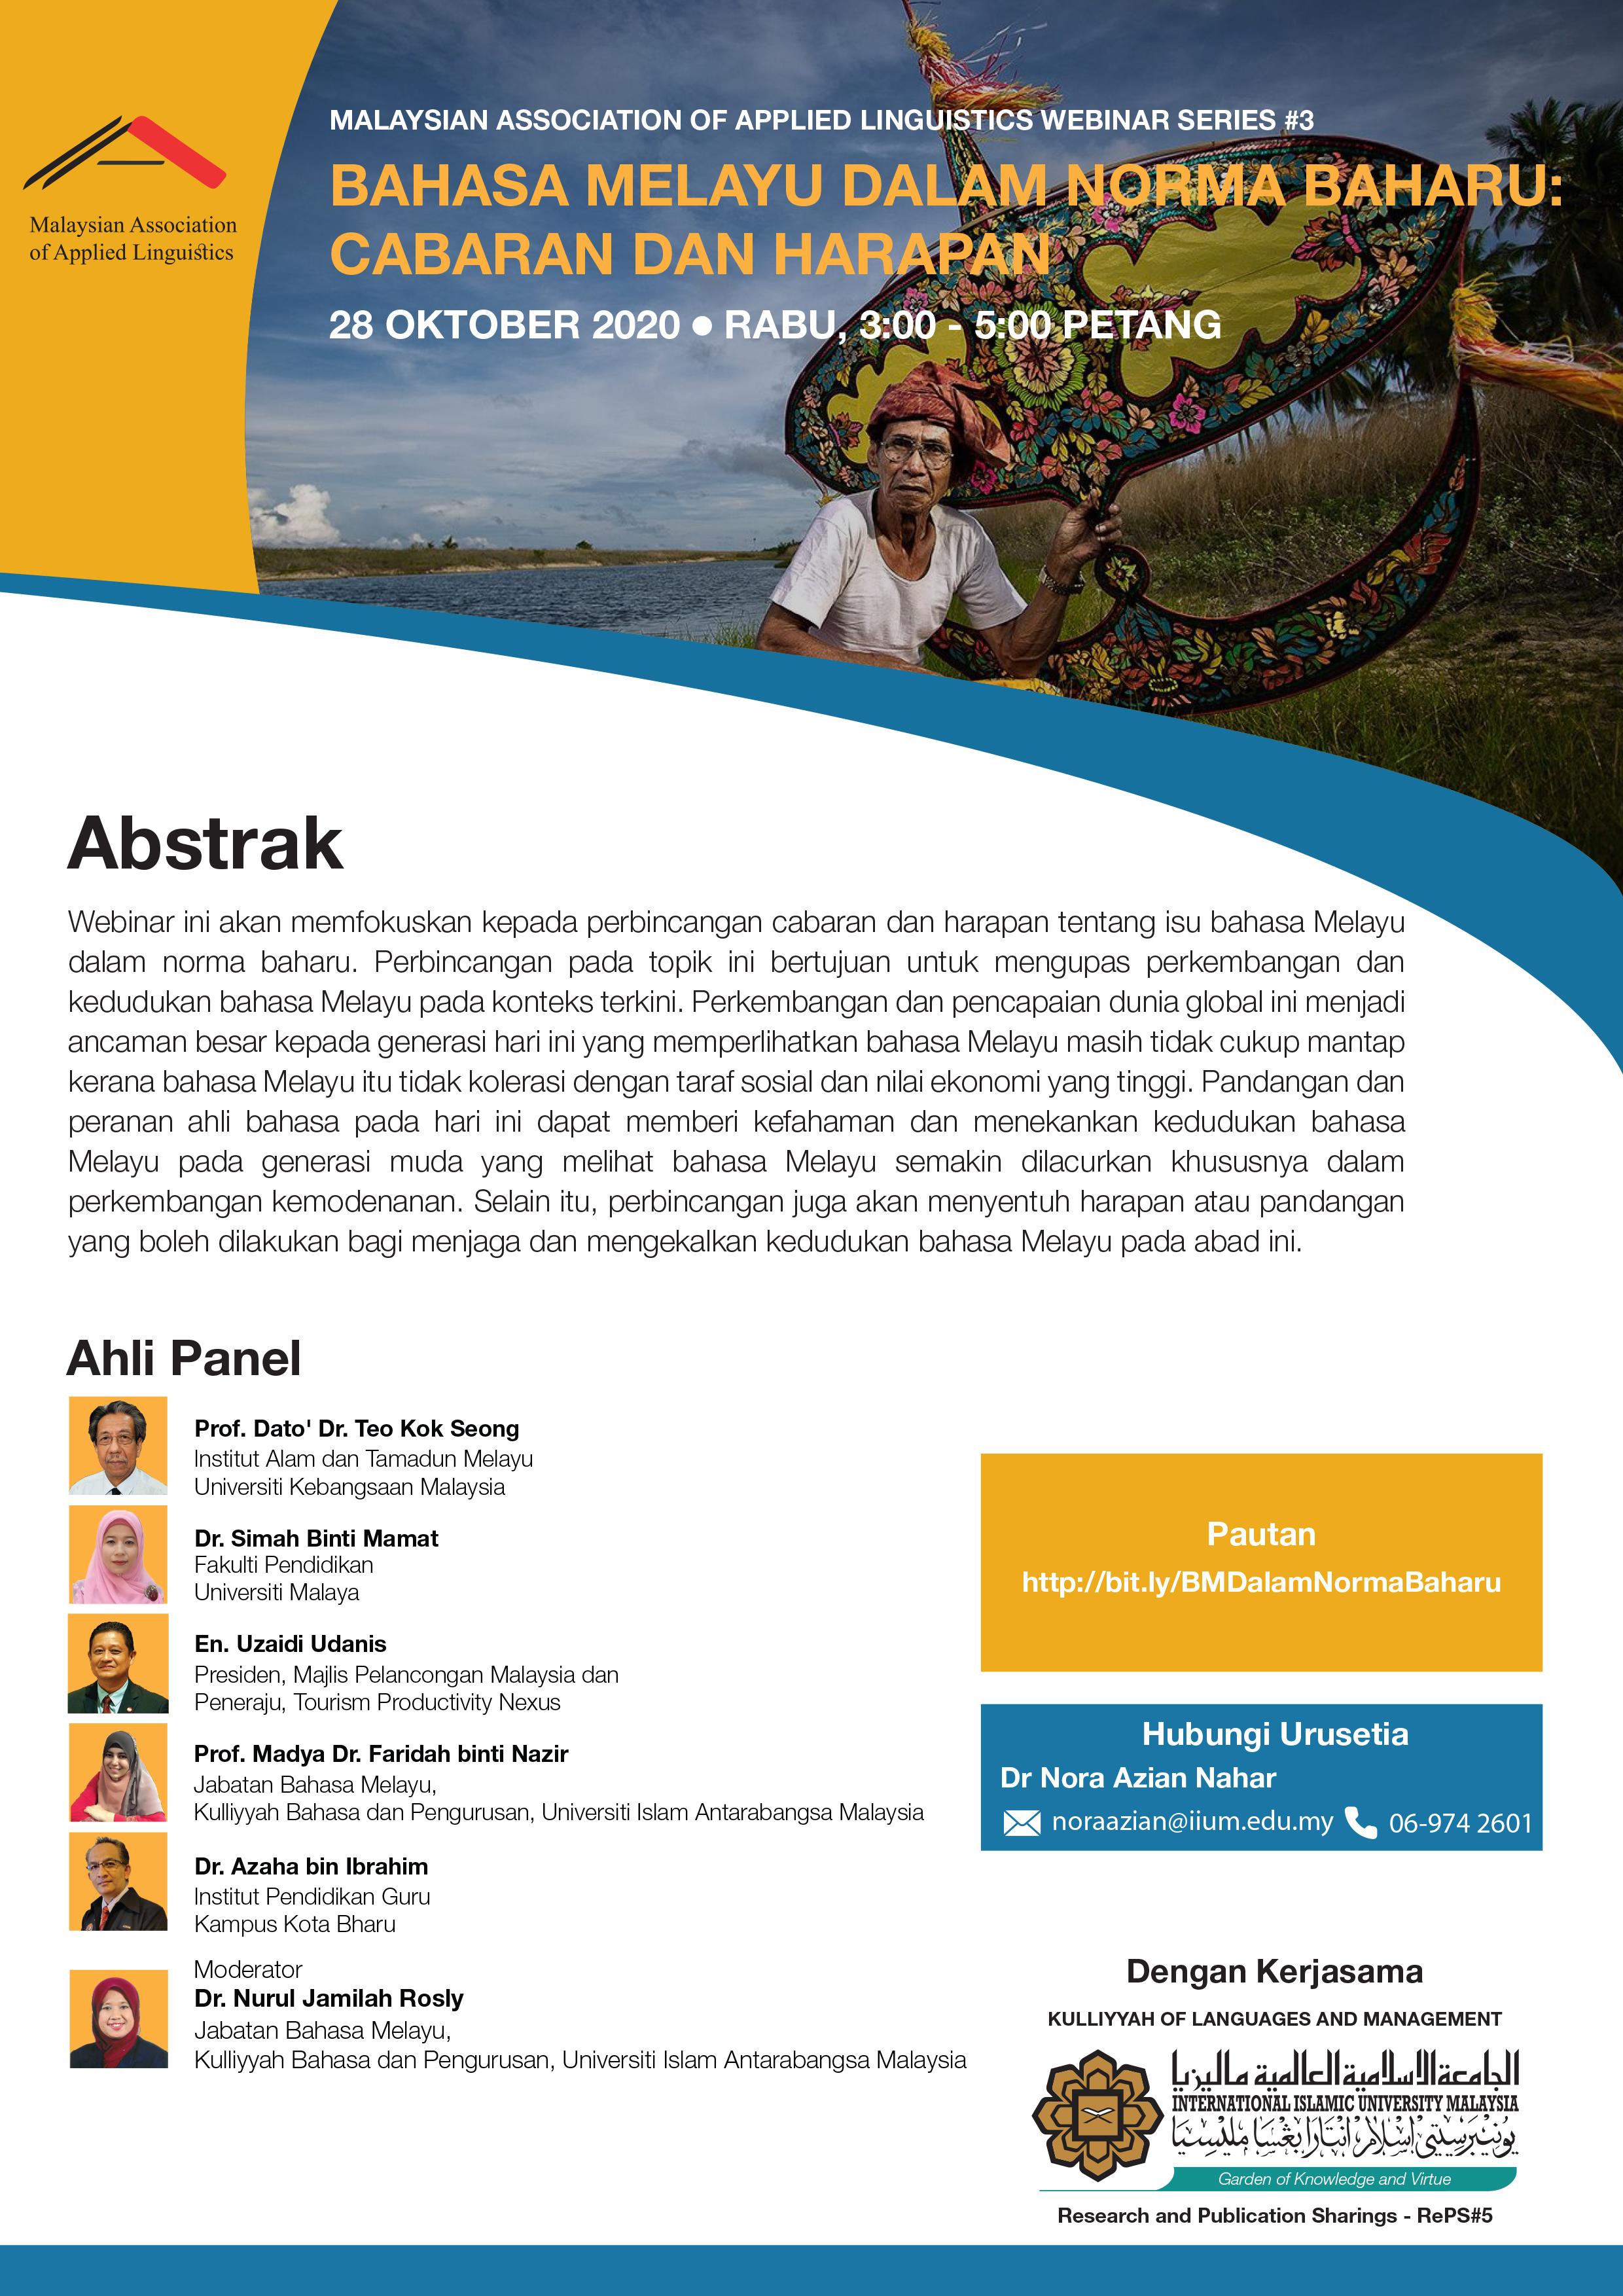 MALAYSIAN ASSOCIATION OF APPLIED LINGUISTICS (MAAL) WEBINAR #3